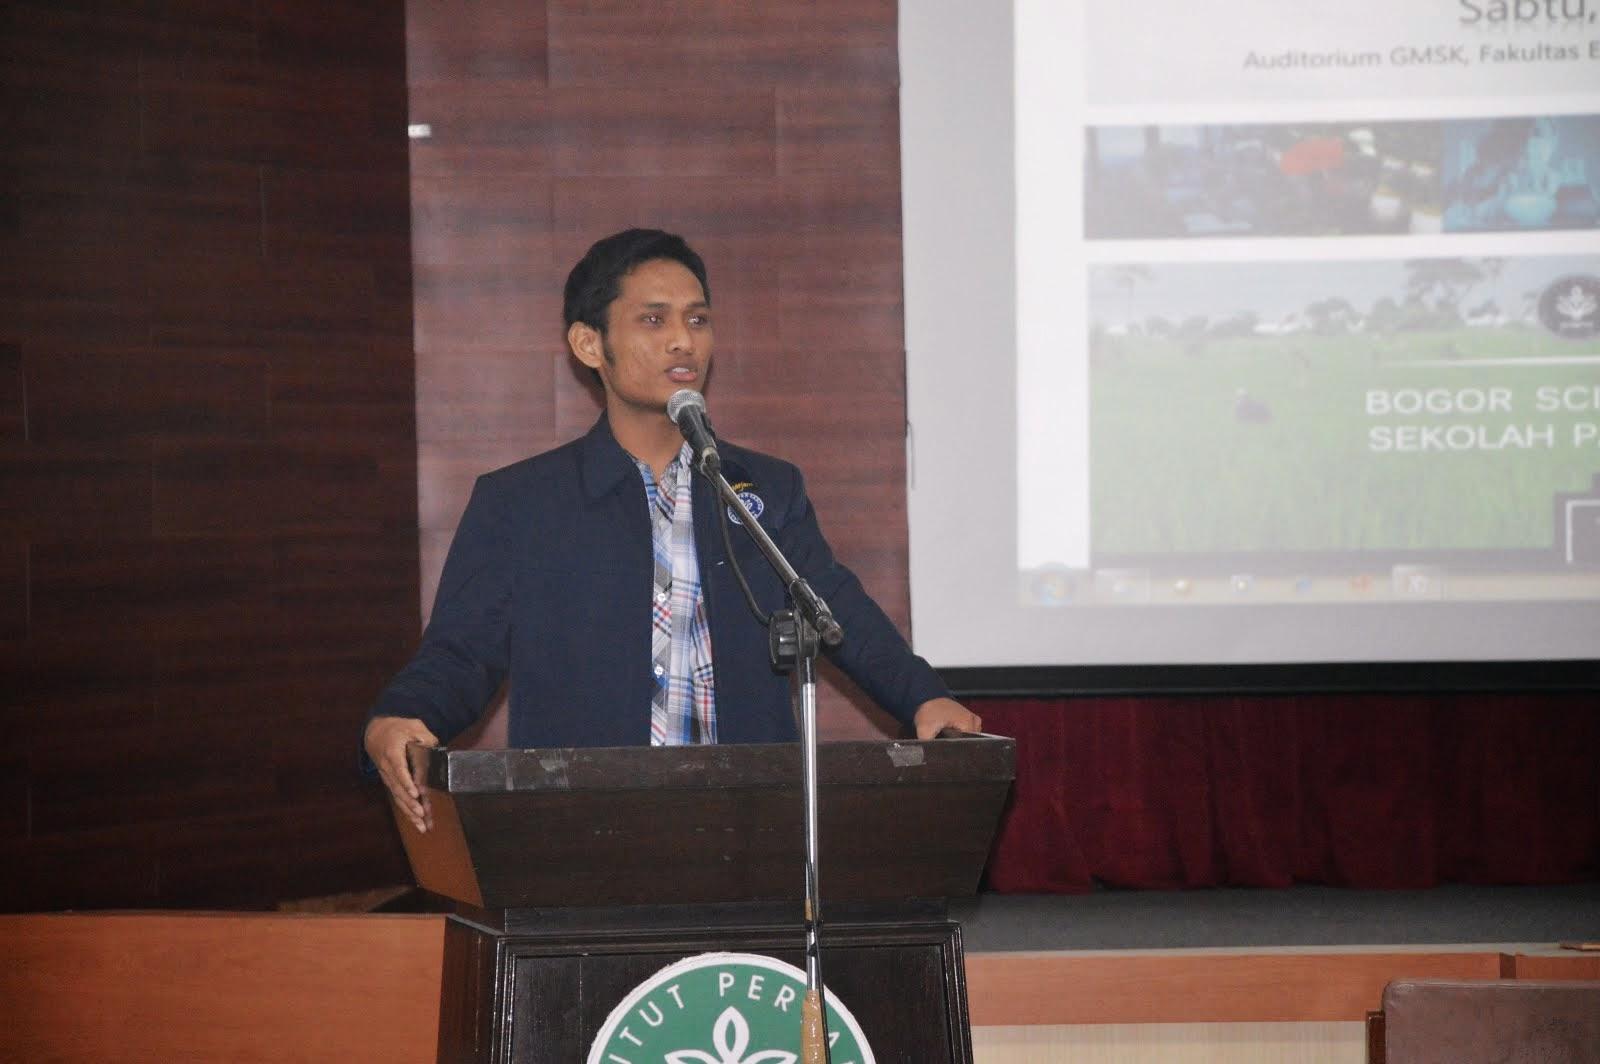 BSC presdir speech